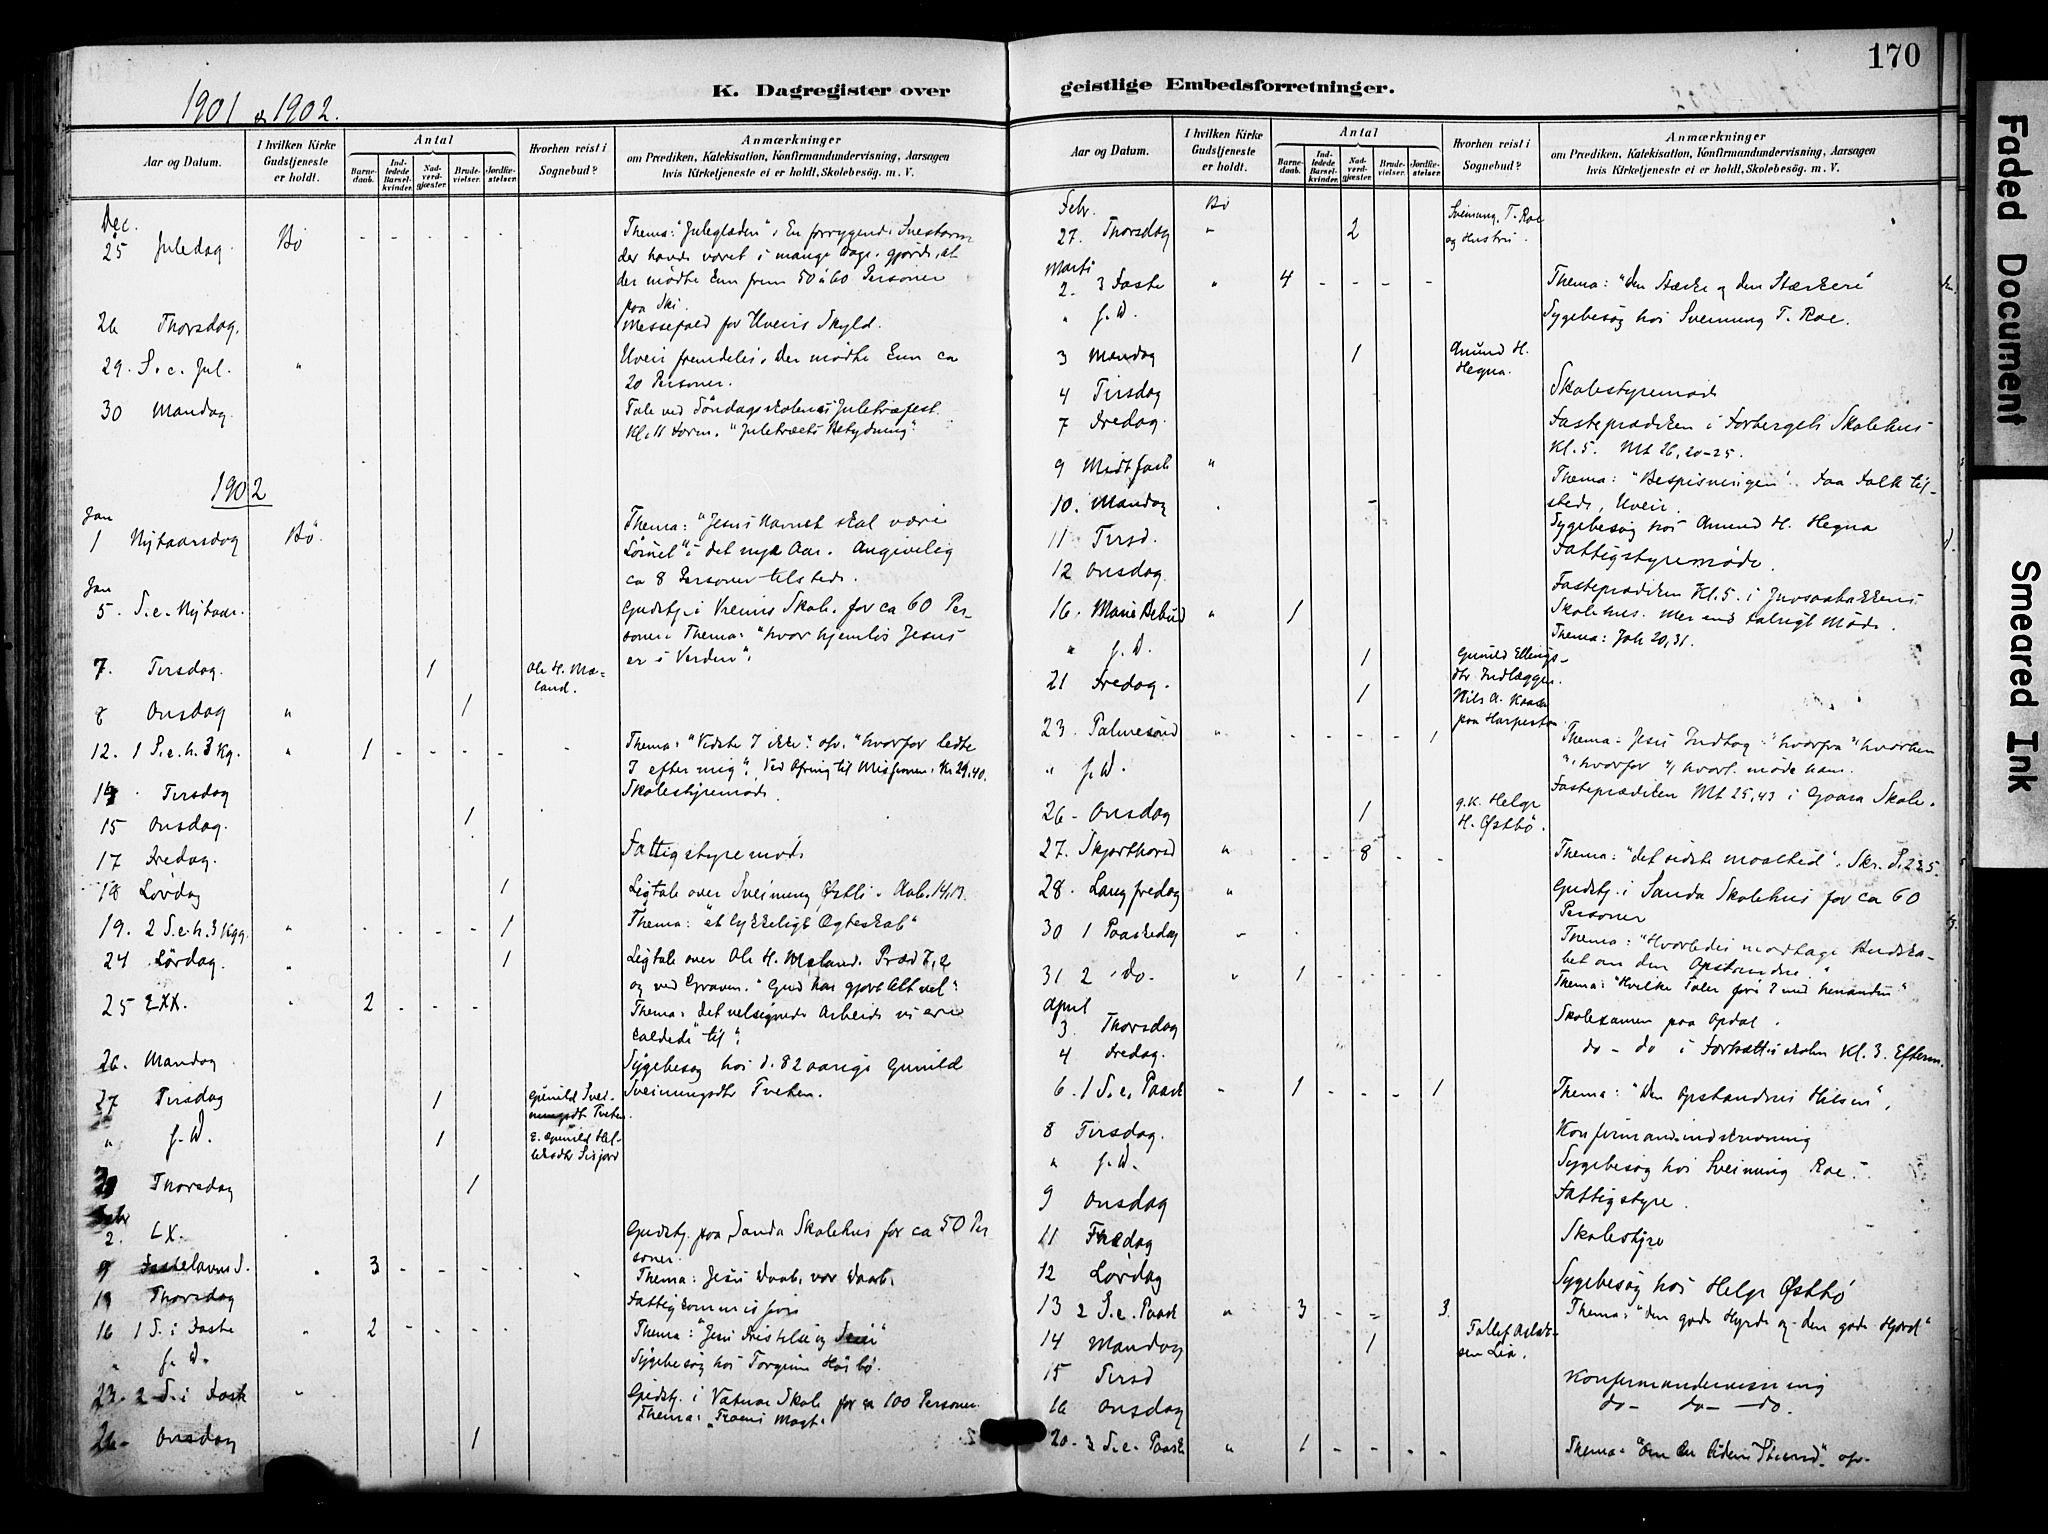 SAKO, Bø kirkebøker, F/Fa/L0012: Ministerialbok nr. 12, 1900-1908, s. 170